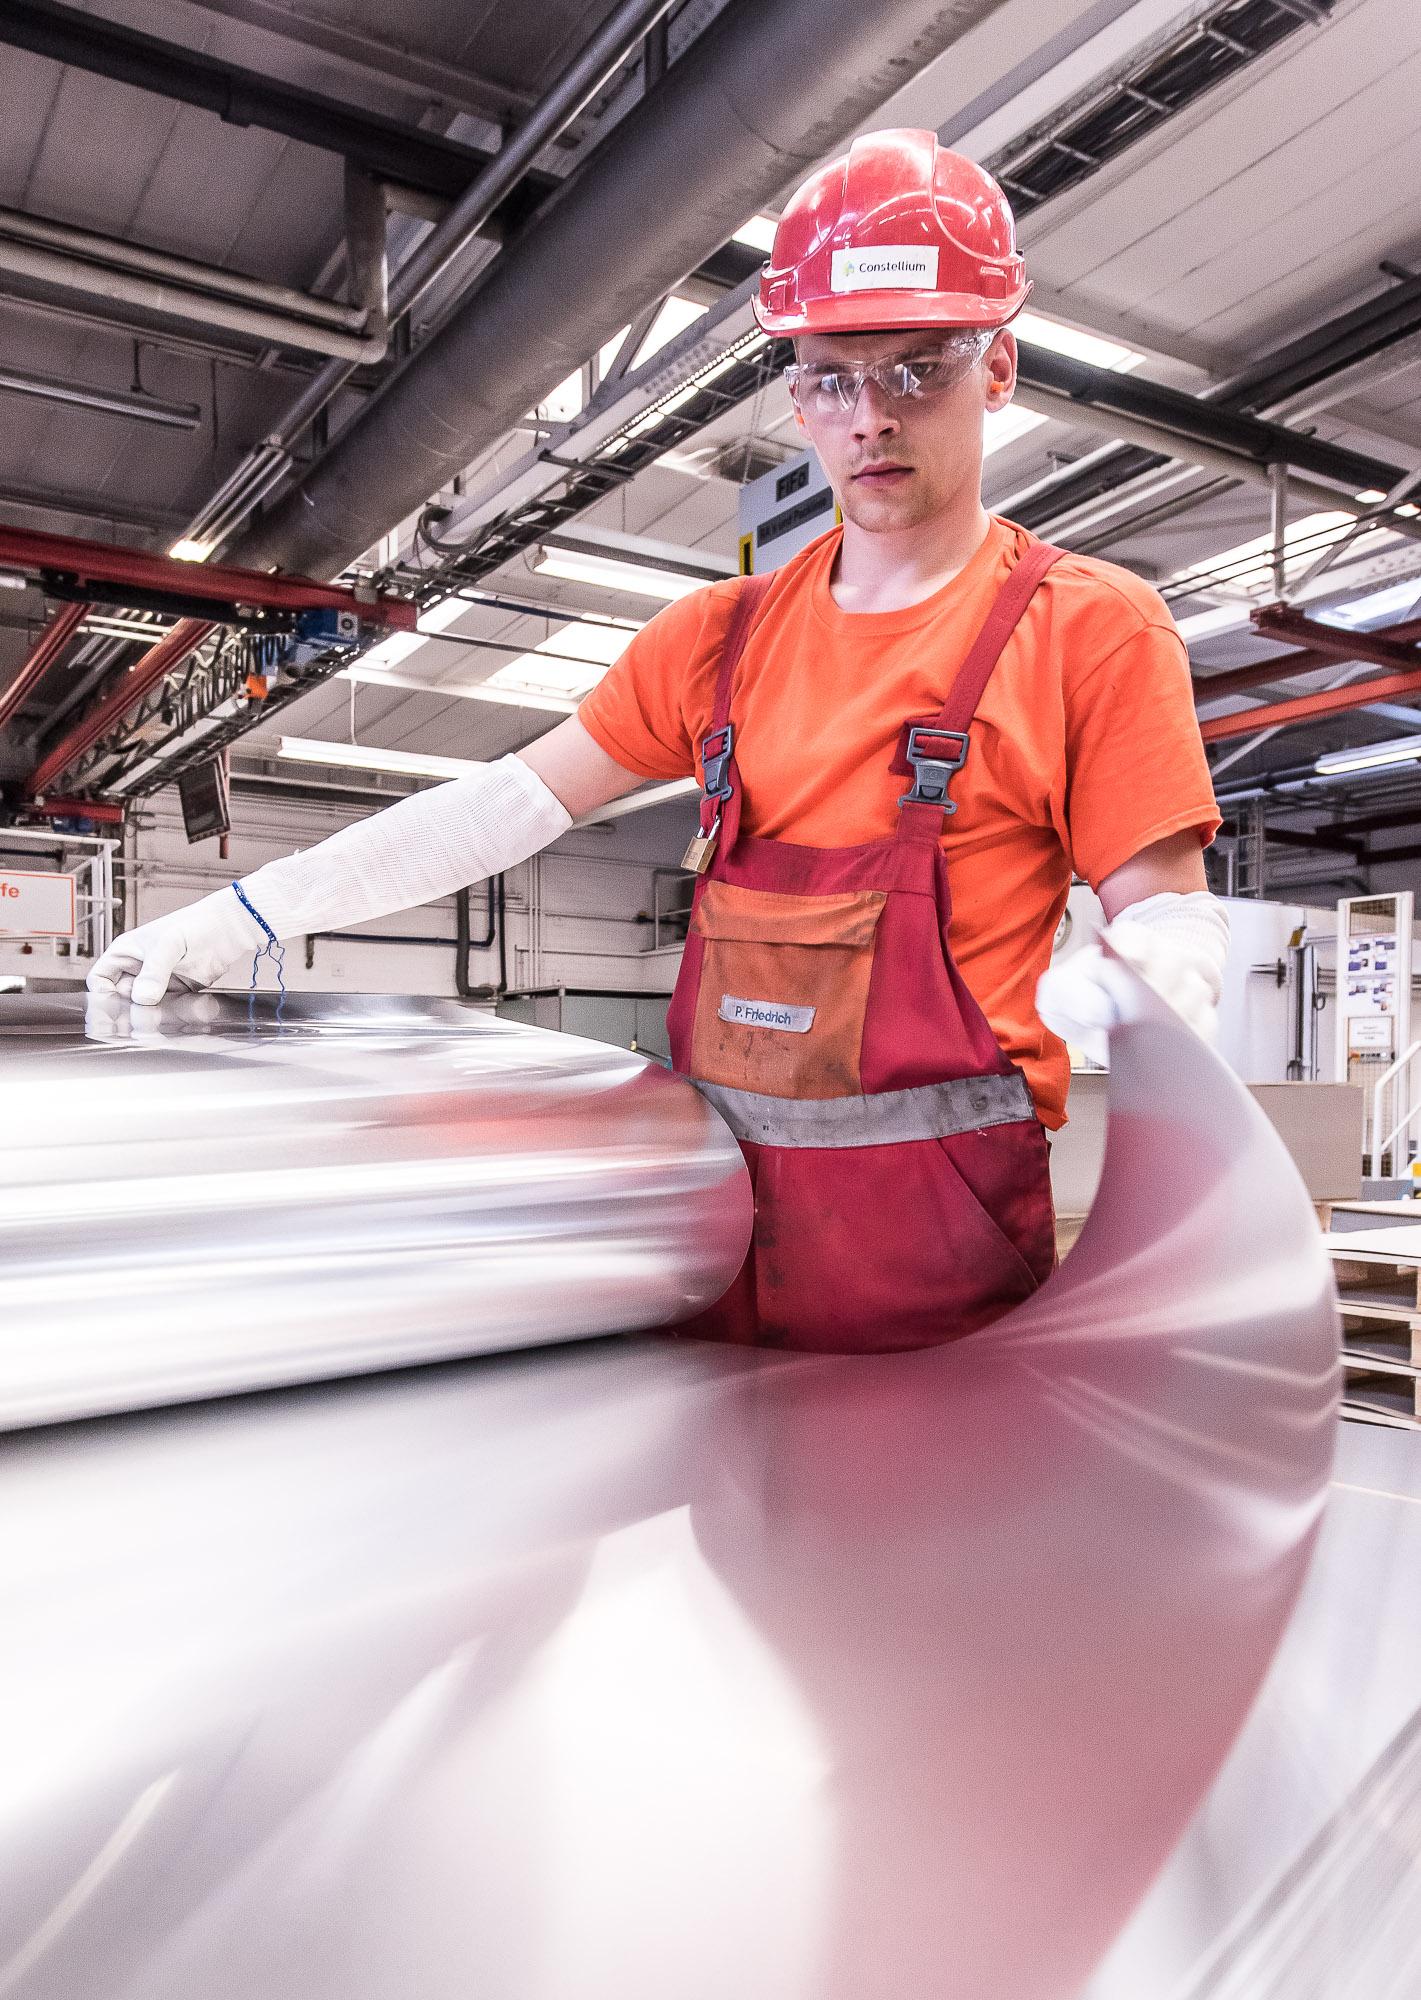 Reportage photographique sur les activités industrielles du fabricant de produits en aluminium